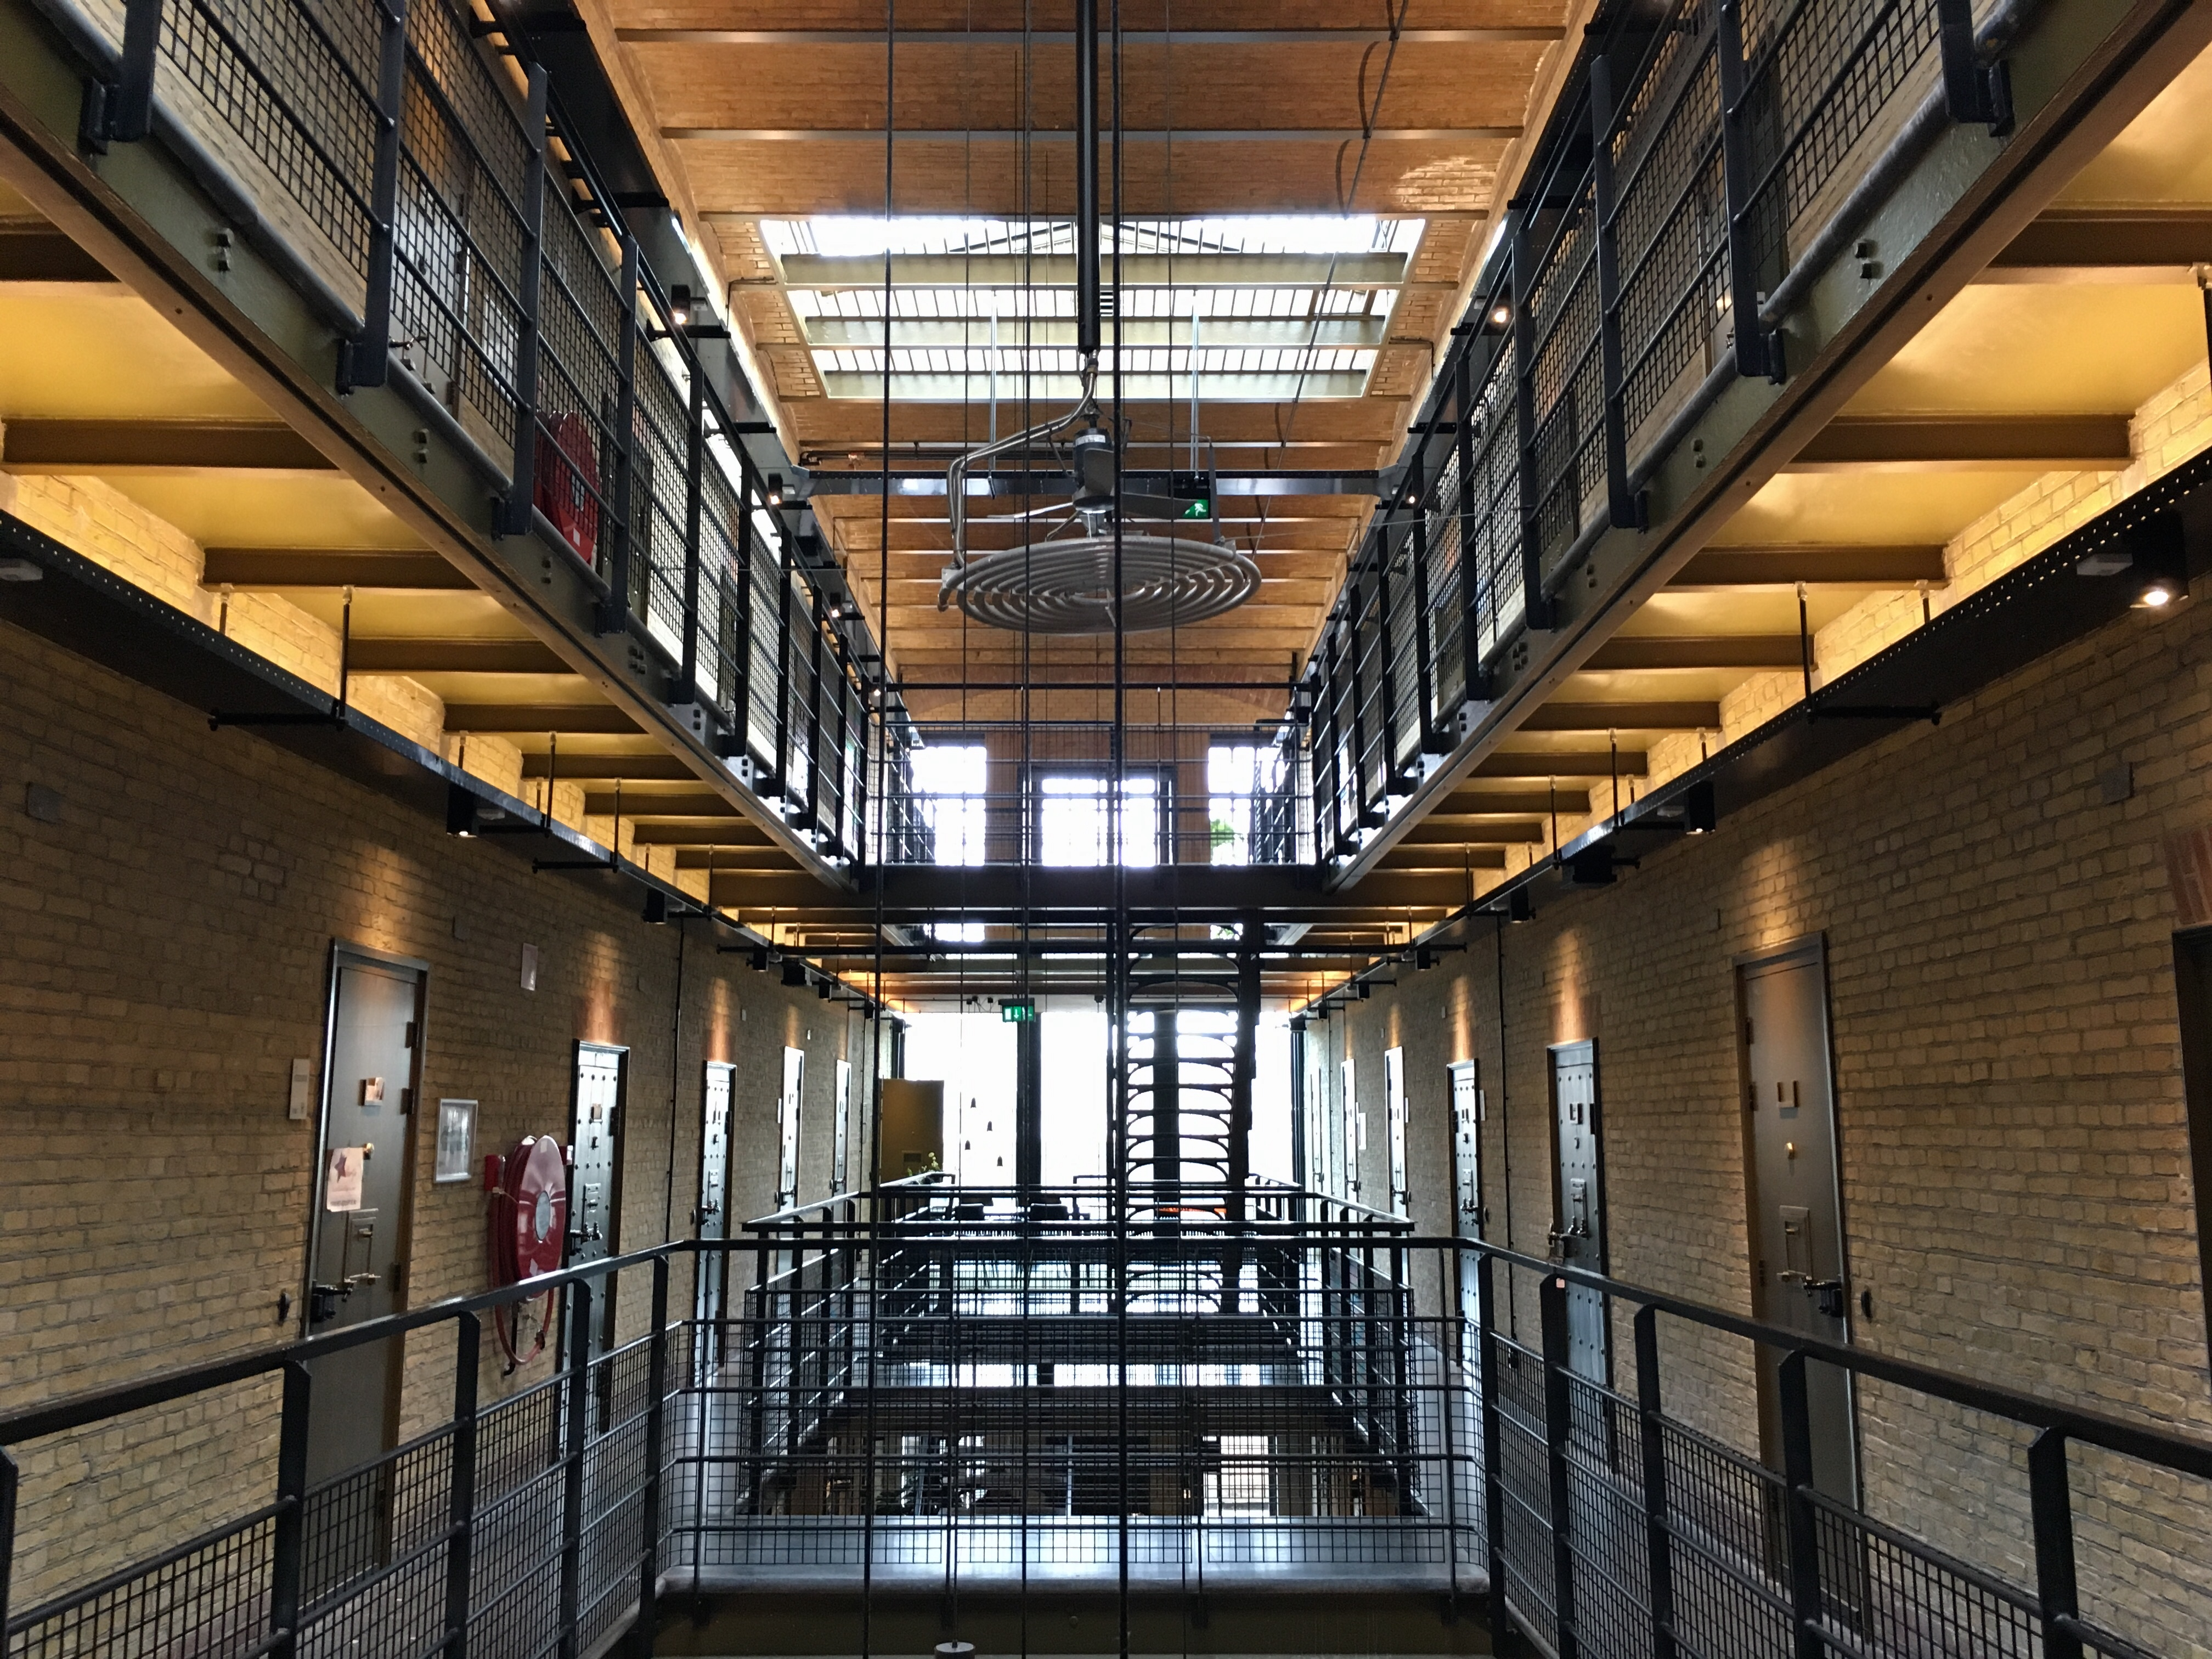 slapen in een gevangenis